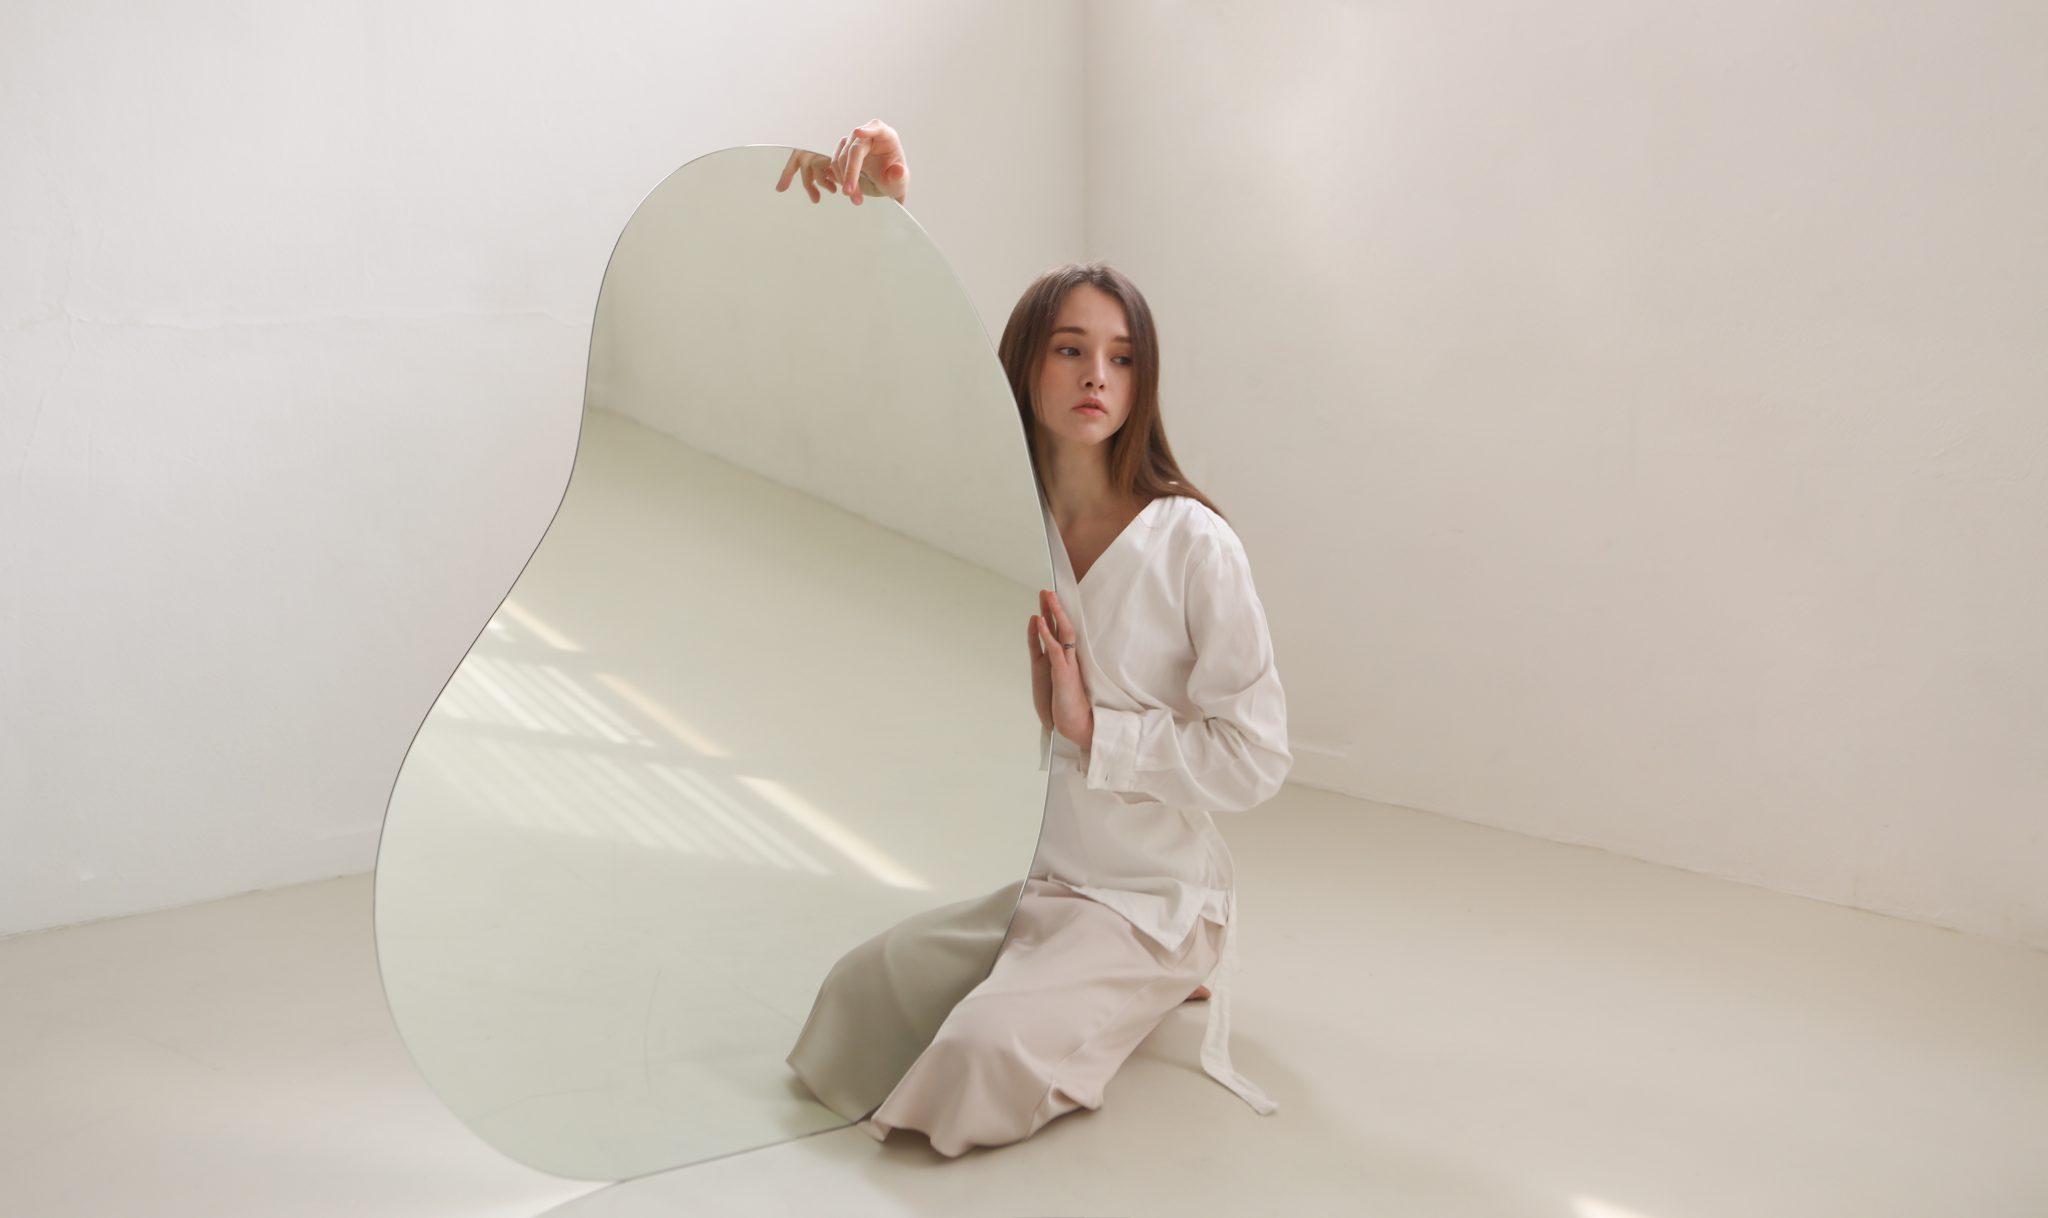 라이프 스타일 디자인 브랜드 어페어비 페블미러 여자 모델이 페블미러를 들고 있다